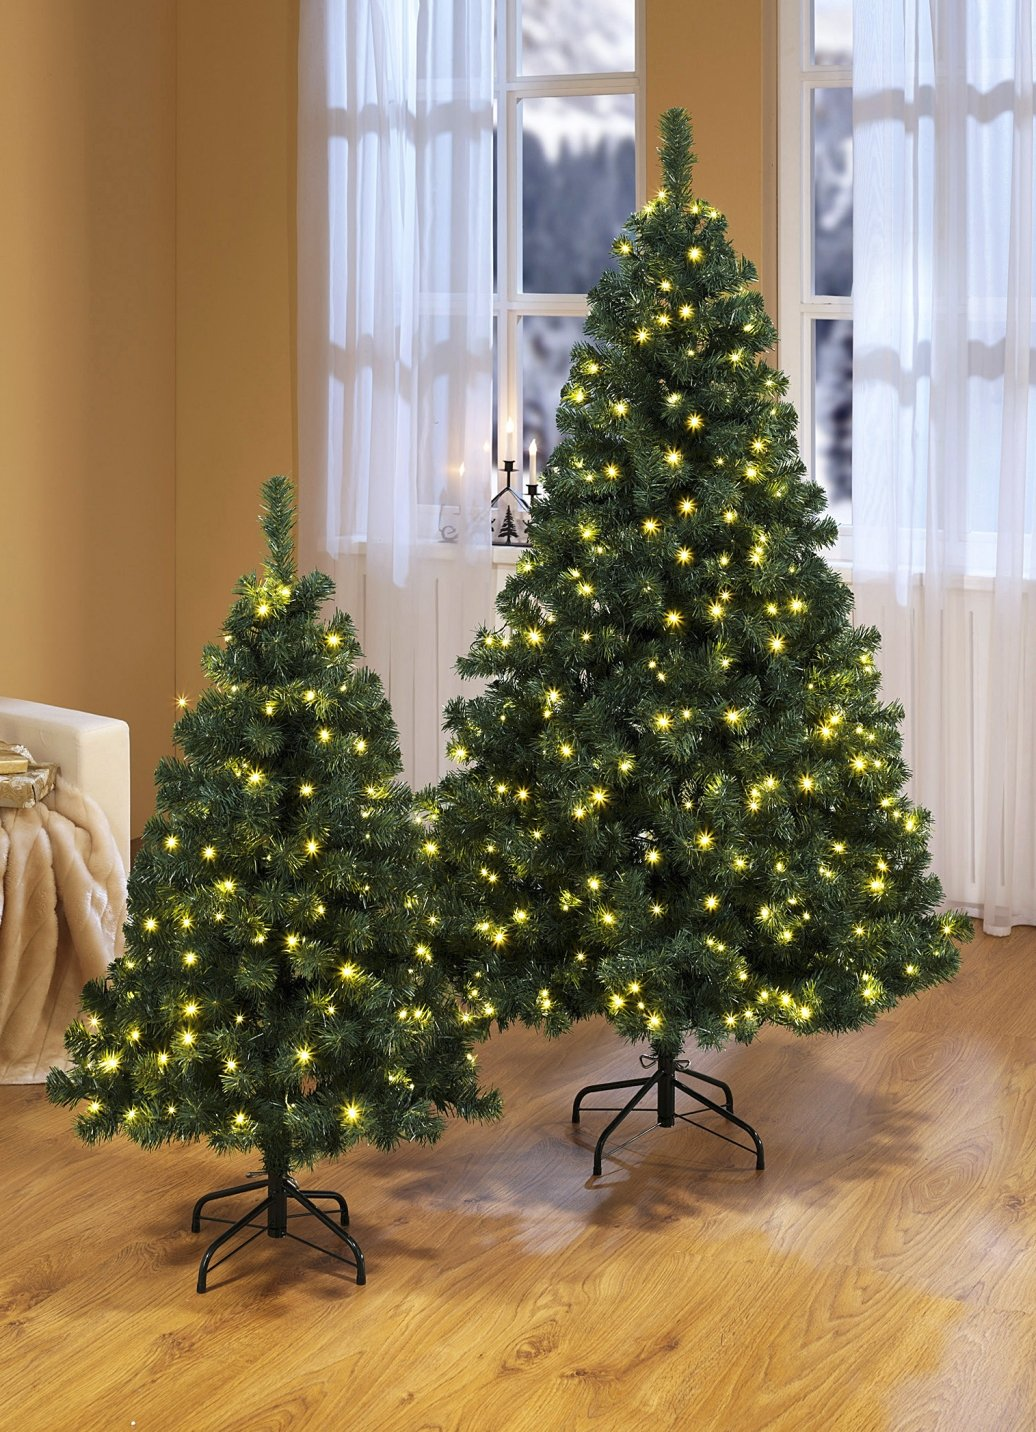 weihnachtsbaum 120 cm beleuchtet christbaum tannenbaum dekoration baum k nstlich ebay. Black Bedroom Furniture Sets. Home Design Ideas